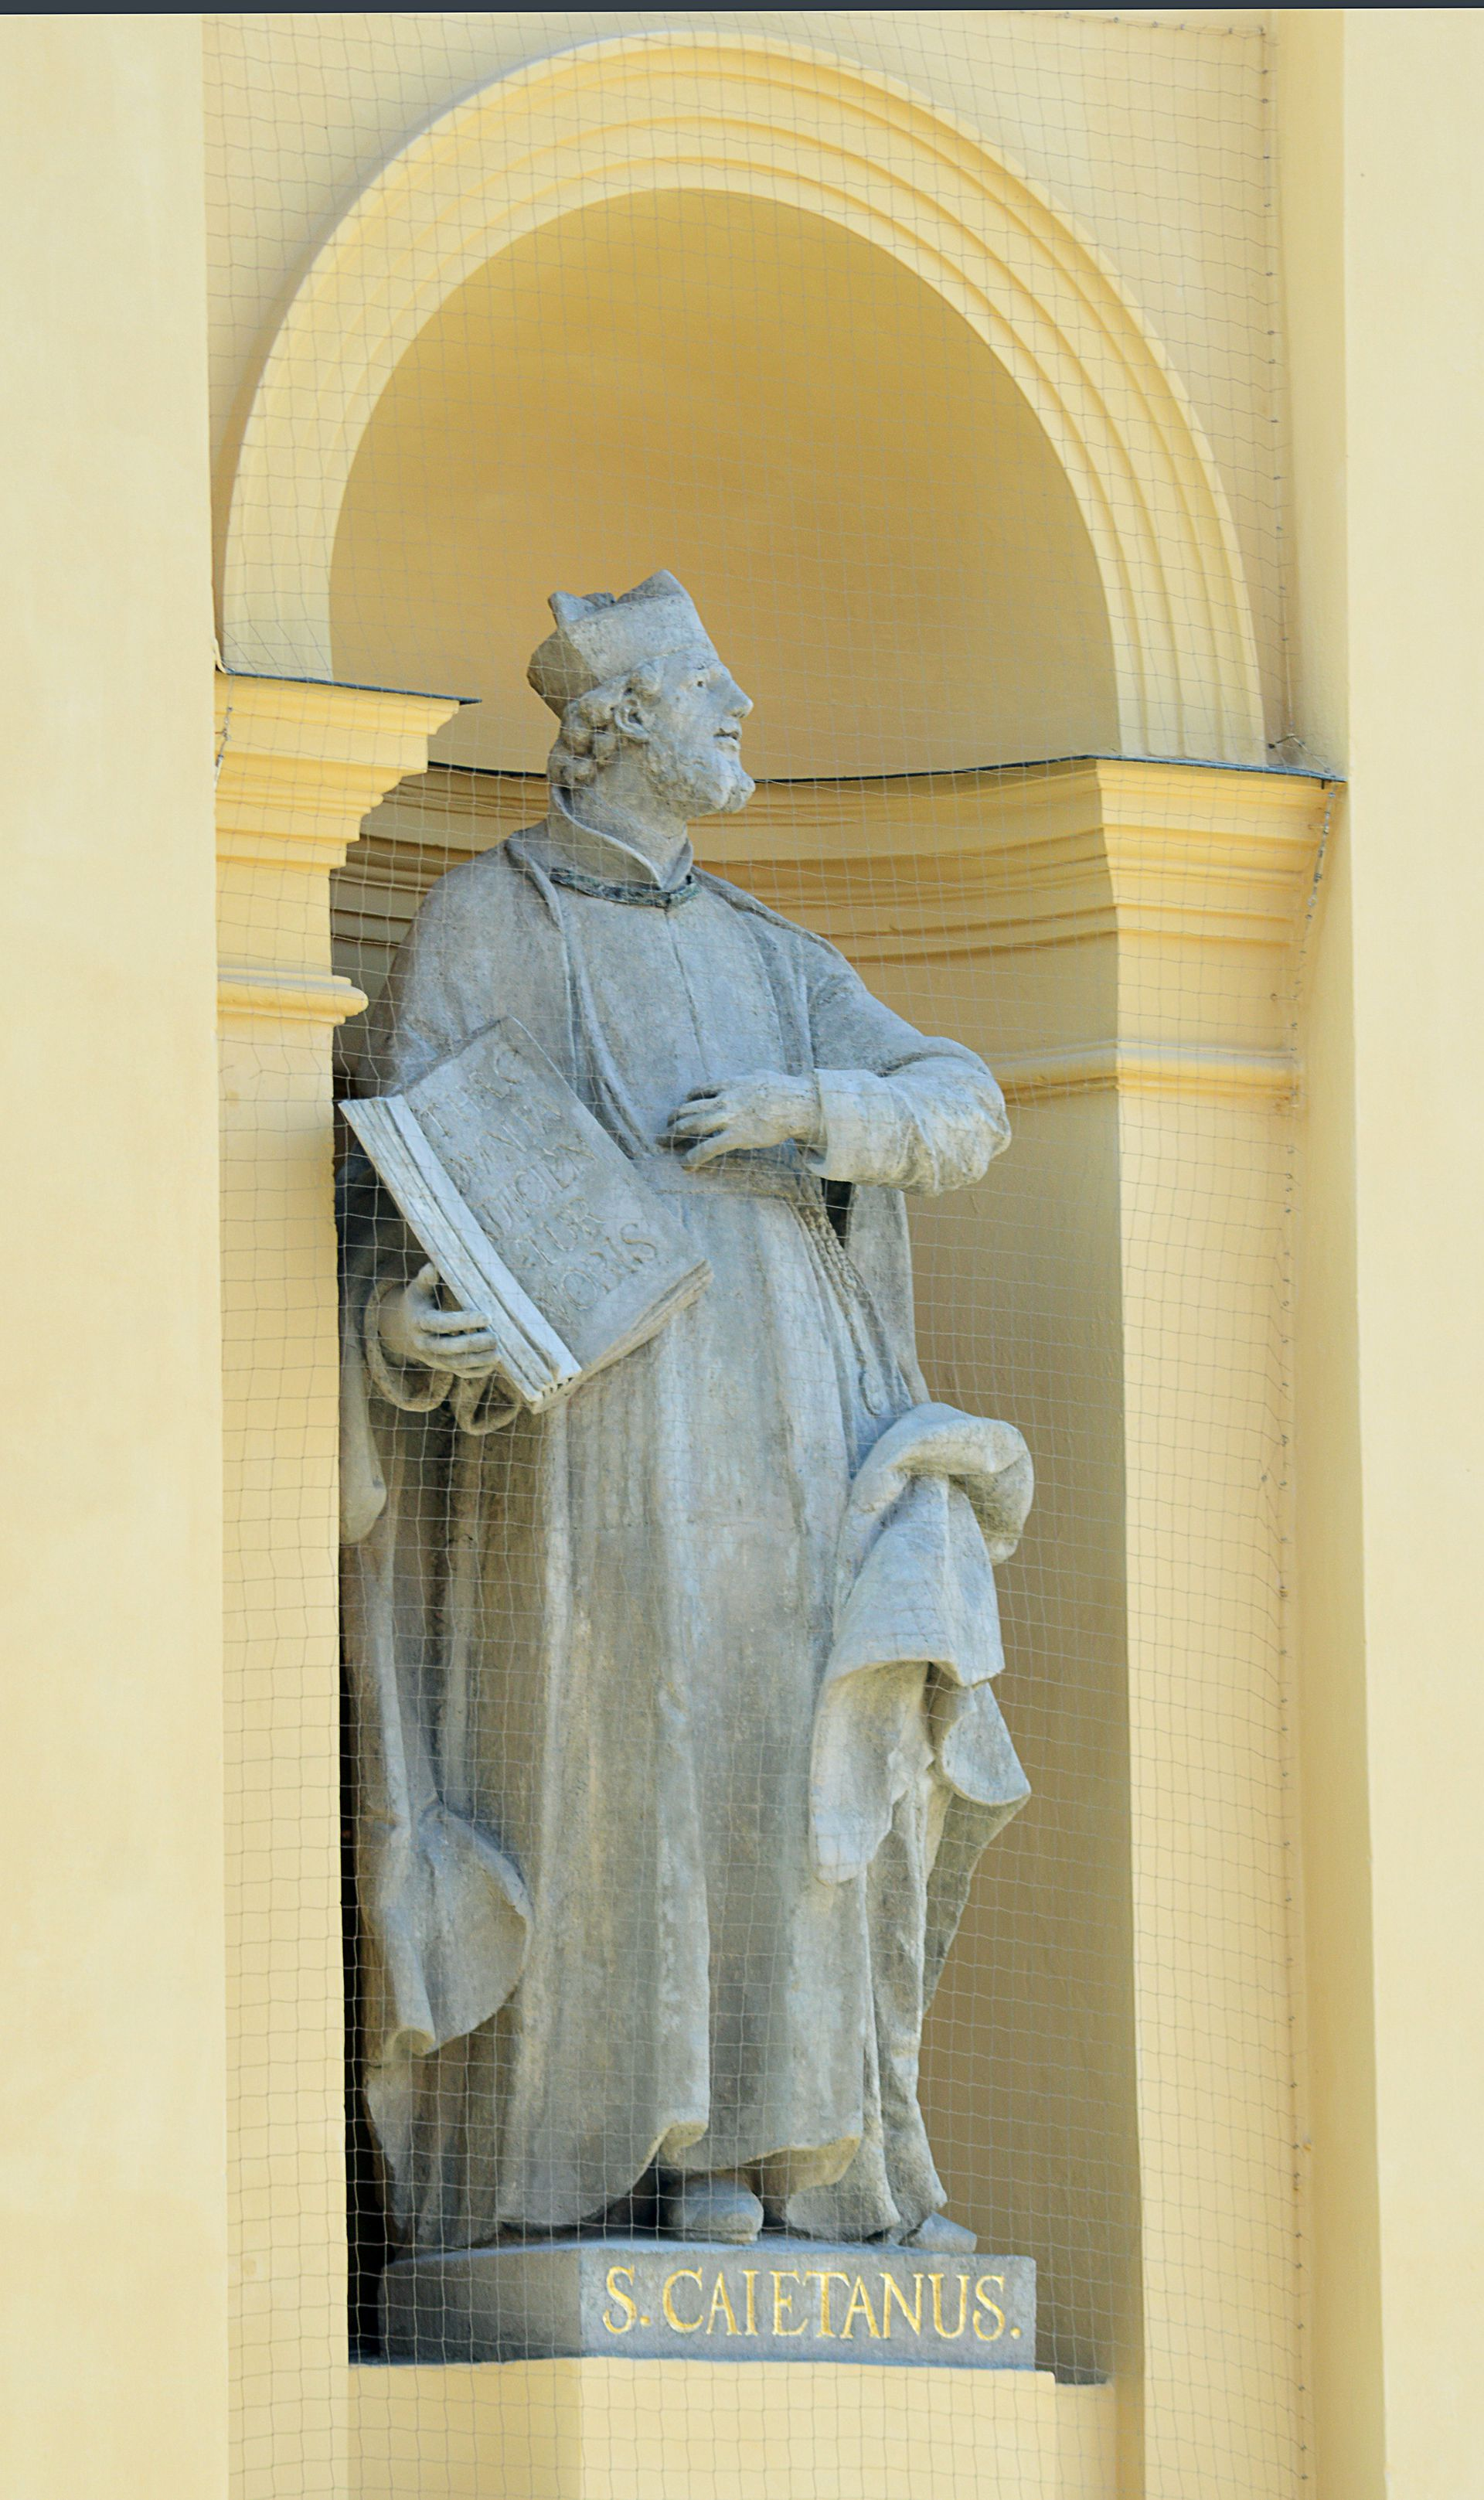 """En Europa, la imagen de San Cayetano es distinta a la que conocemos (la foto es de la Iglesia San Cayetano de Munich, Alemania). Allí se lo venera como """"el santo de los banqueros, jugadores y desempleados"""""""